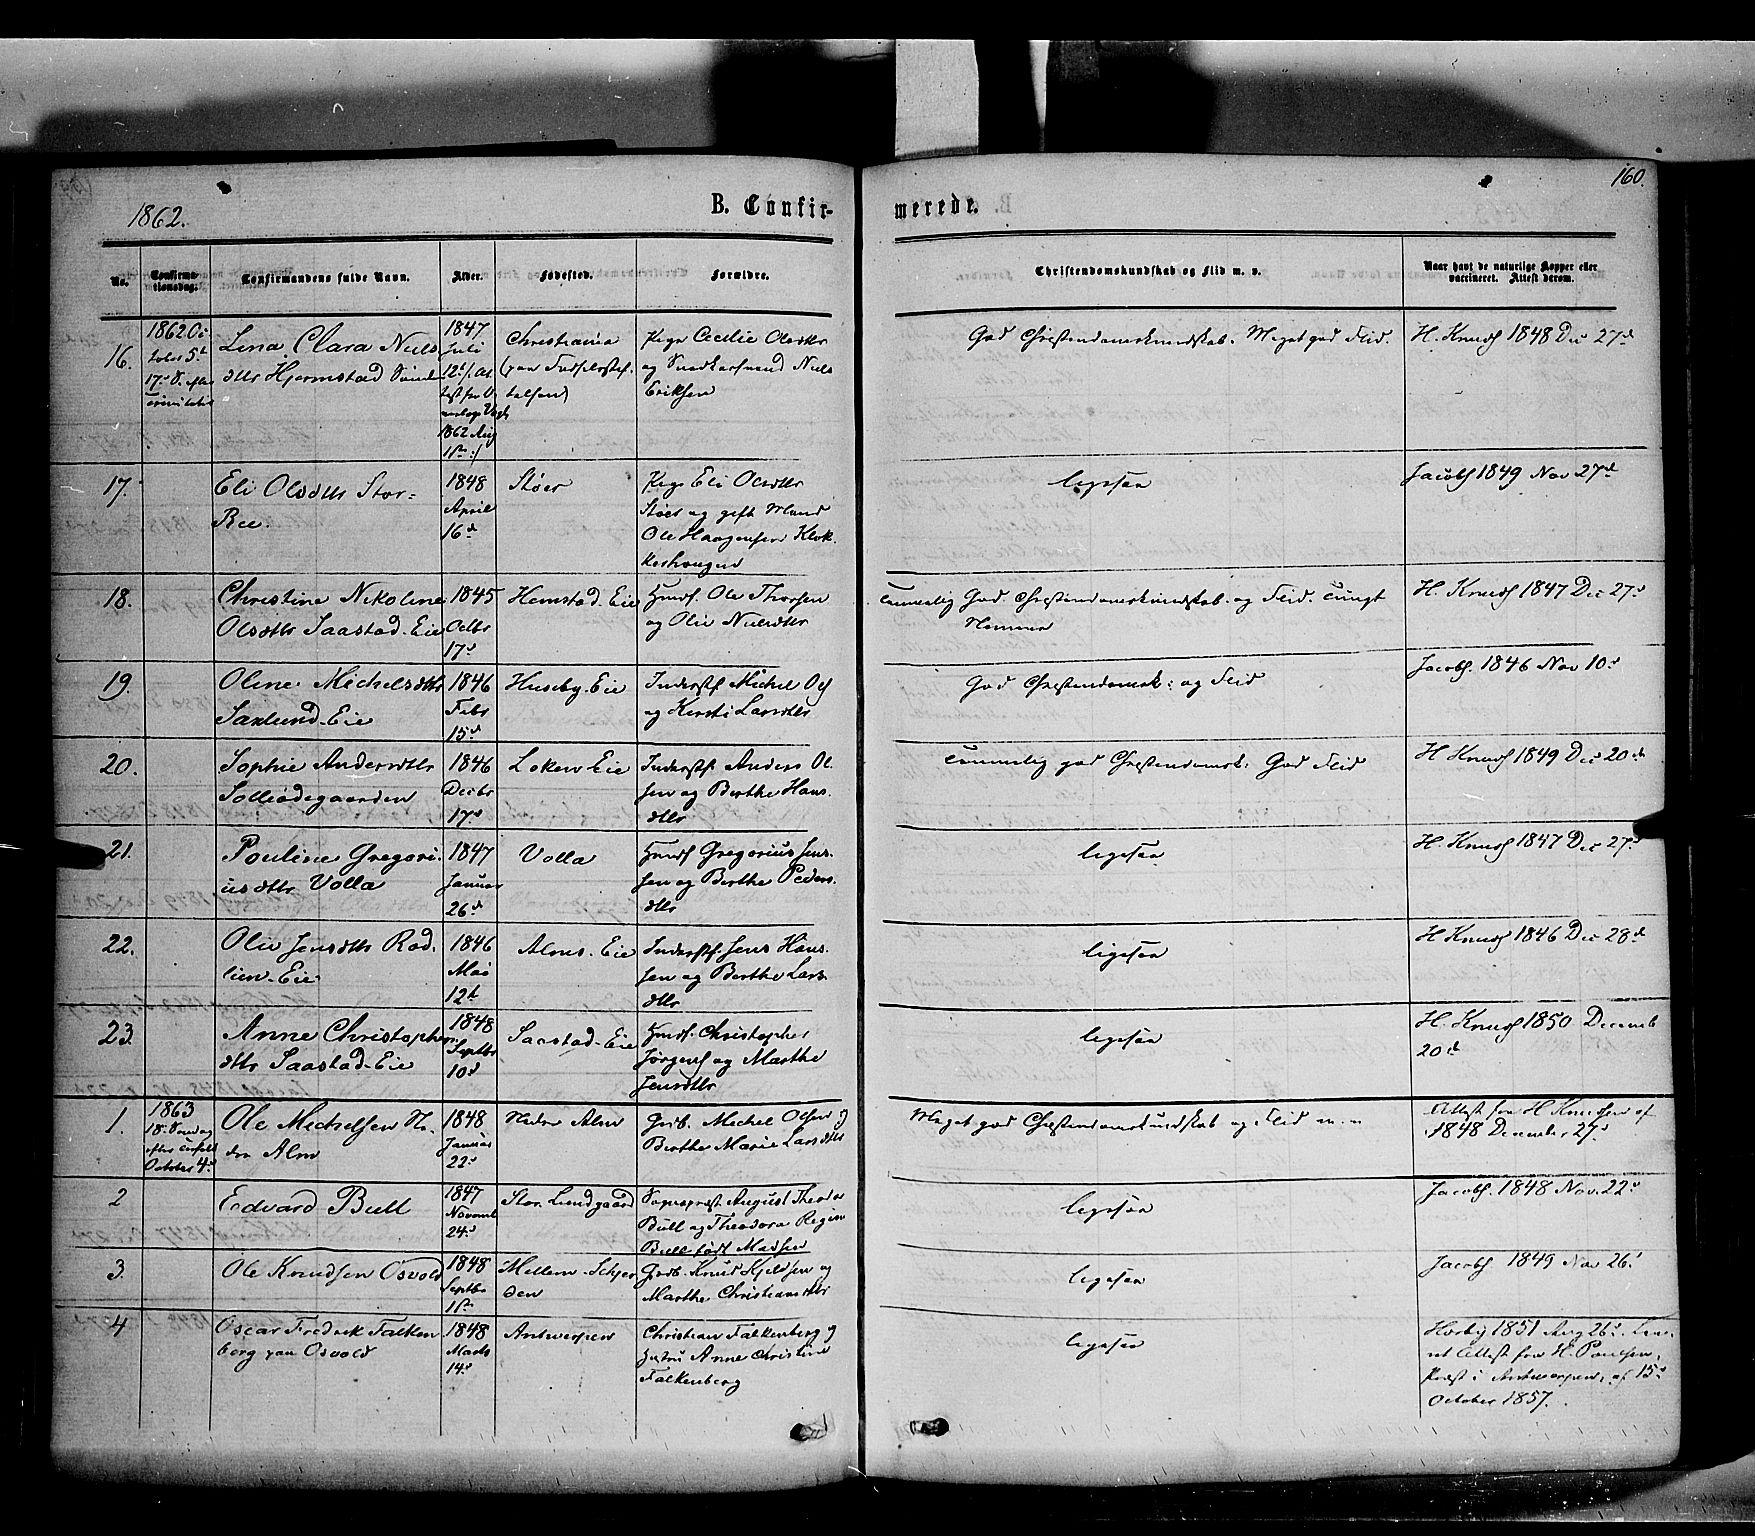 SAH, Stange prestekontor, K/L0013: Parish register (official) no. 13, 1862-1879, p. 160